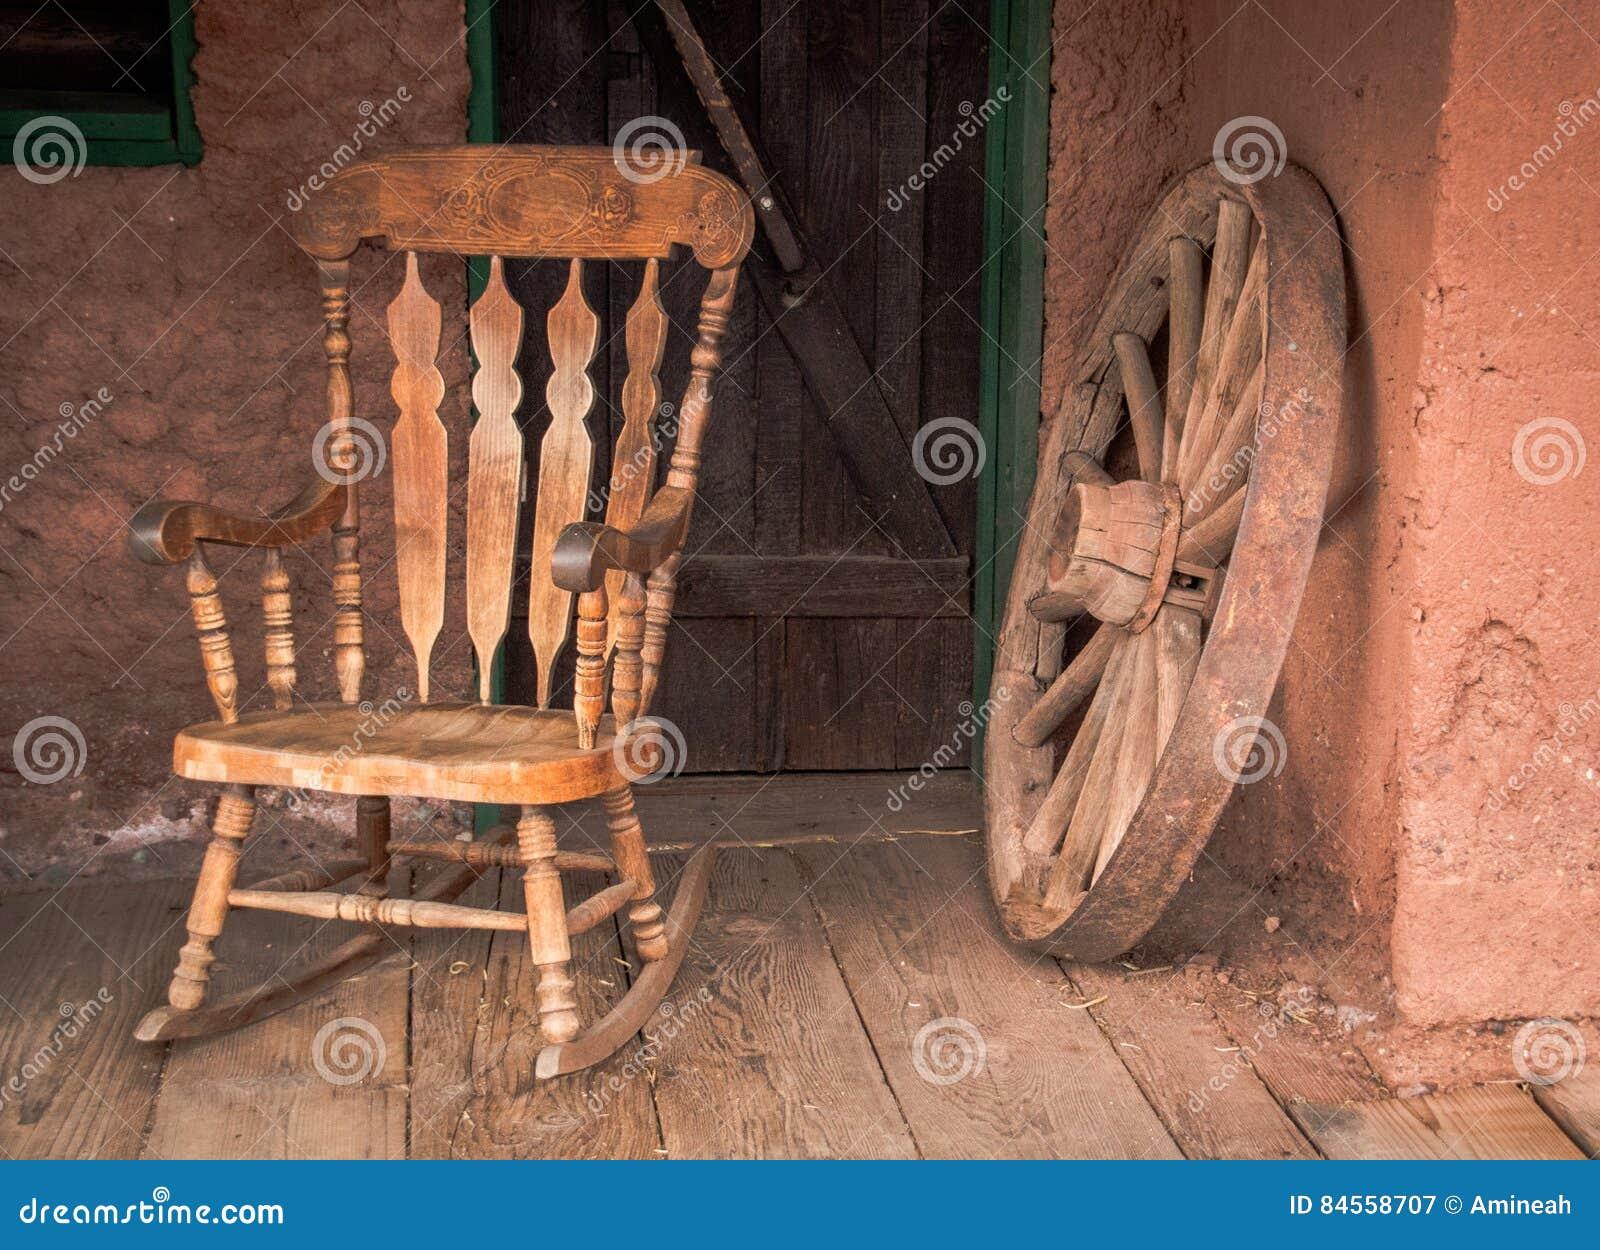 La sedia di oscillazione e vecchi di legno spingono dentro la città fantasma del calicò in U.S.A.